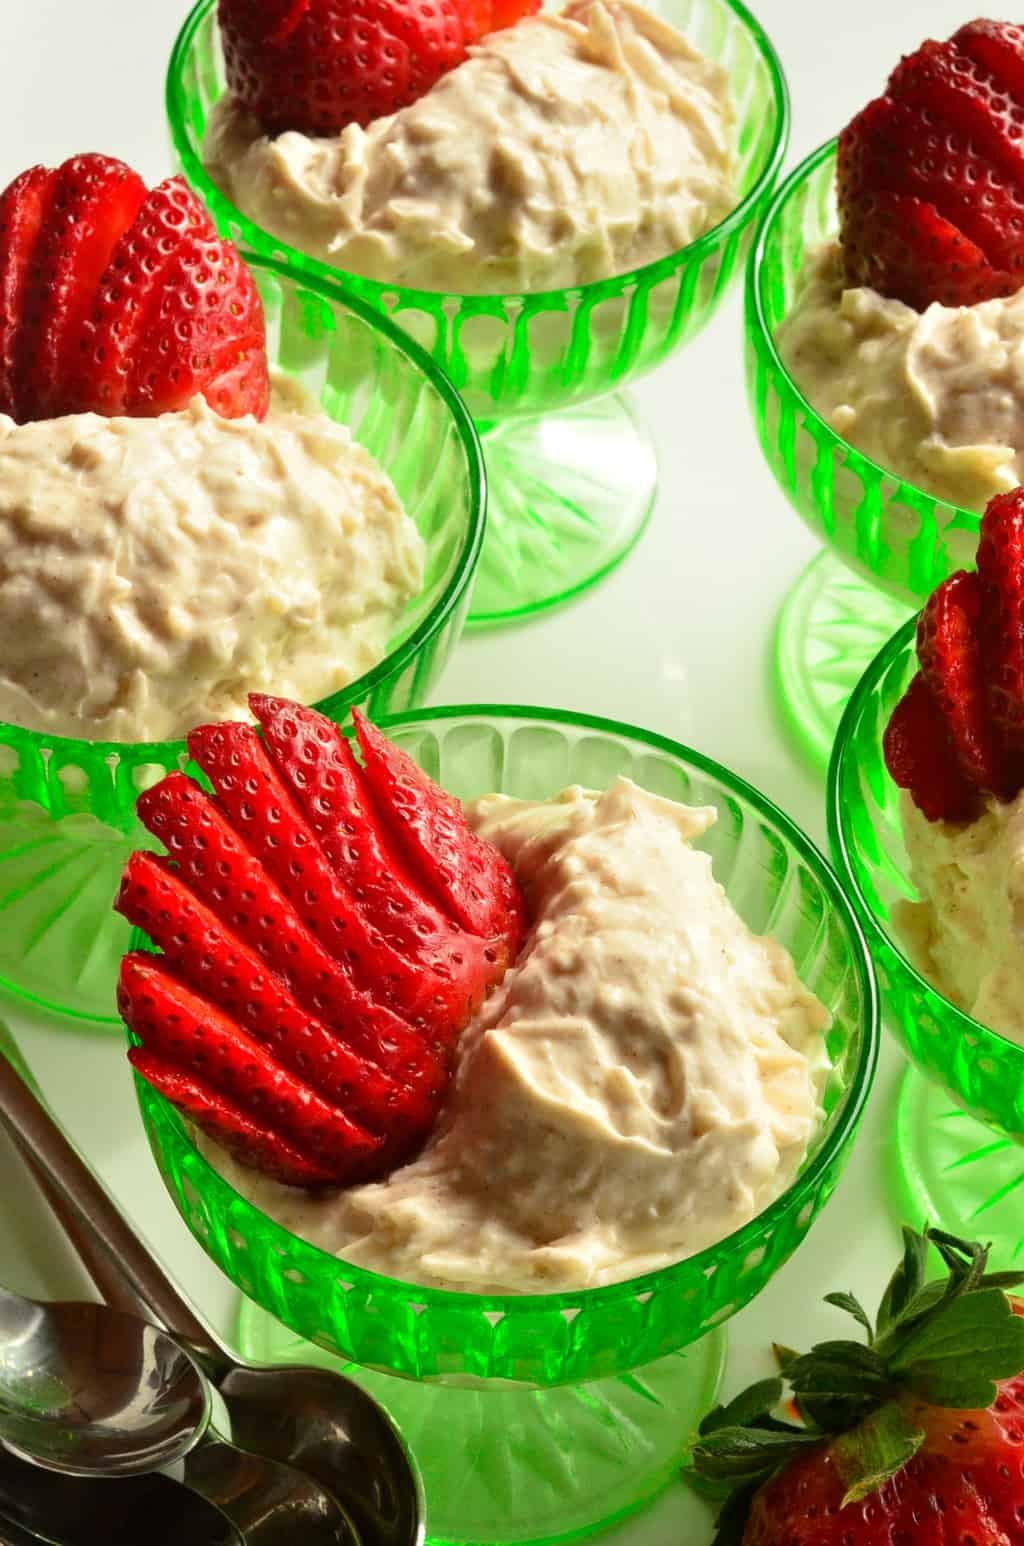 Vegan Desserts Seattle  Easy Vegan Dessert 5 Minute Vegan Coconut Cream Dessert